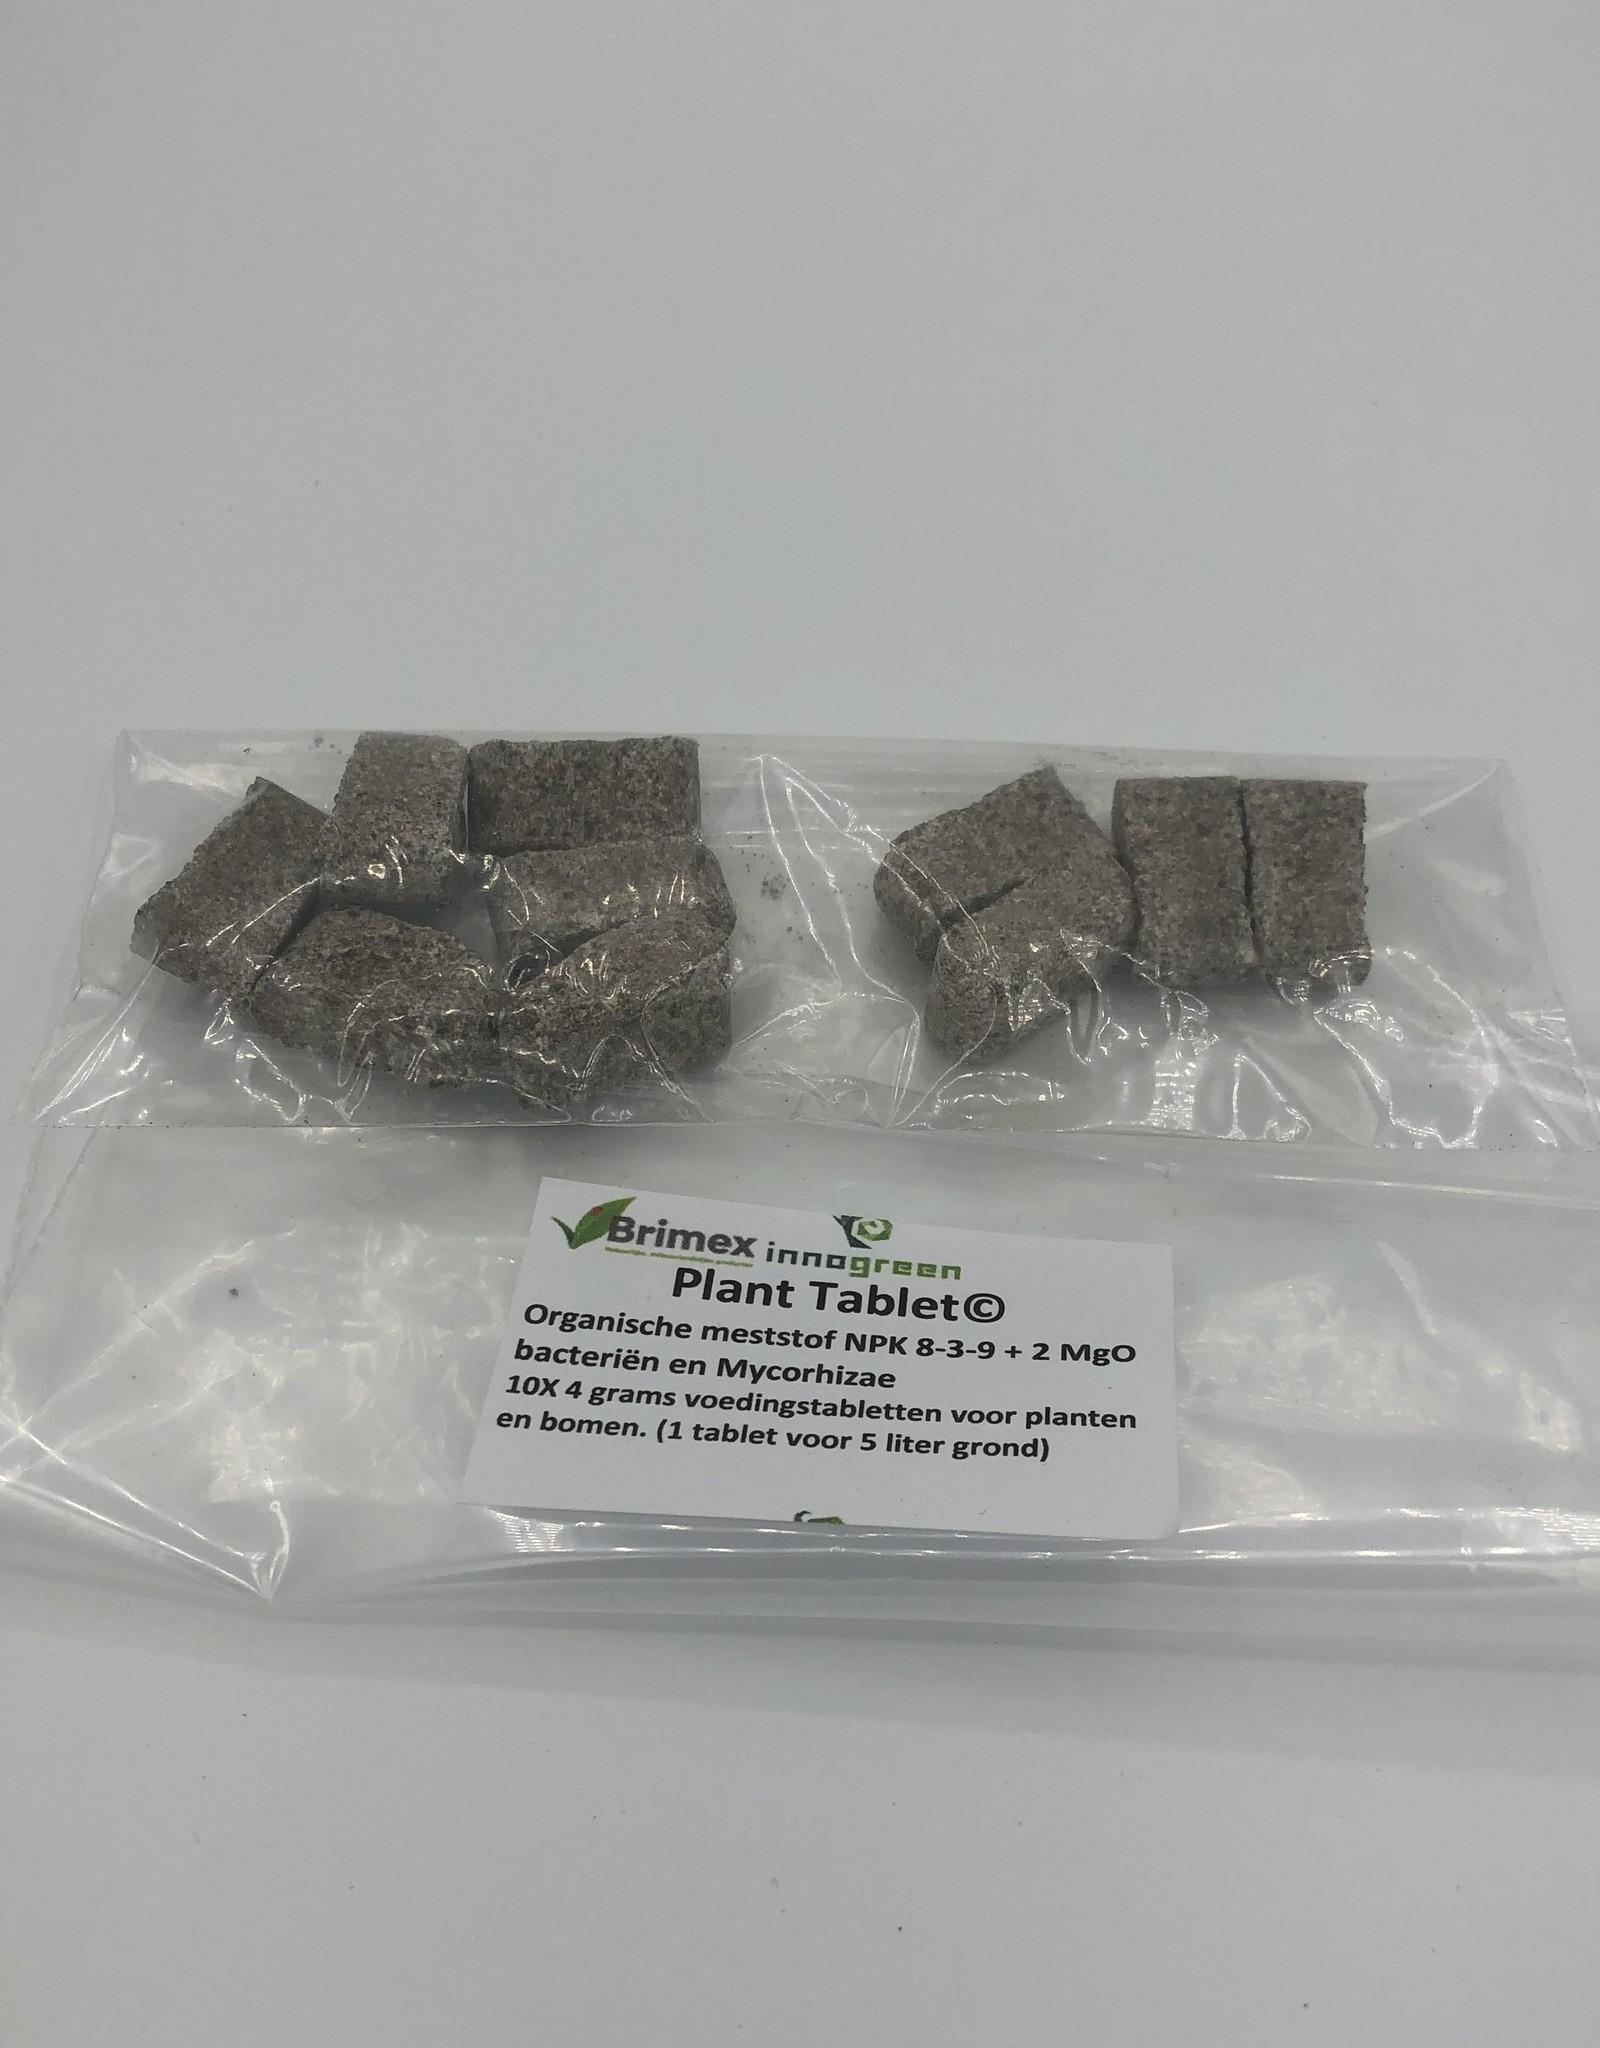 Brimex Innogreen Plant Tablet voedingstablet voor planten